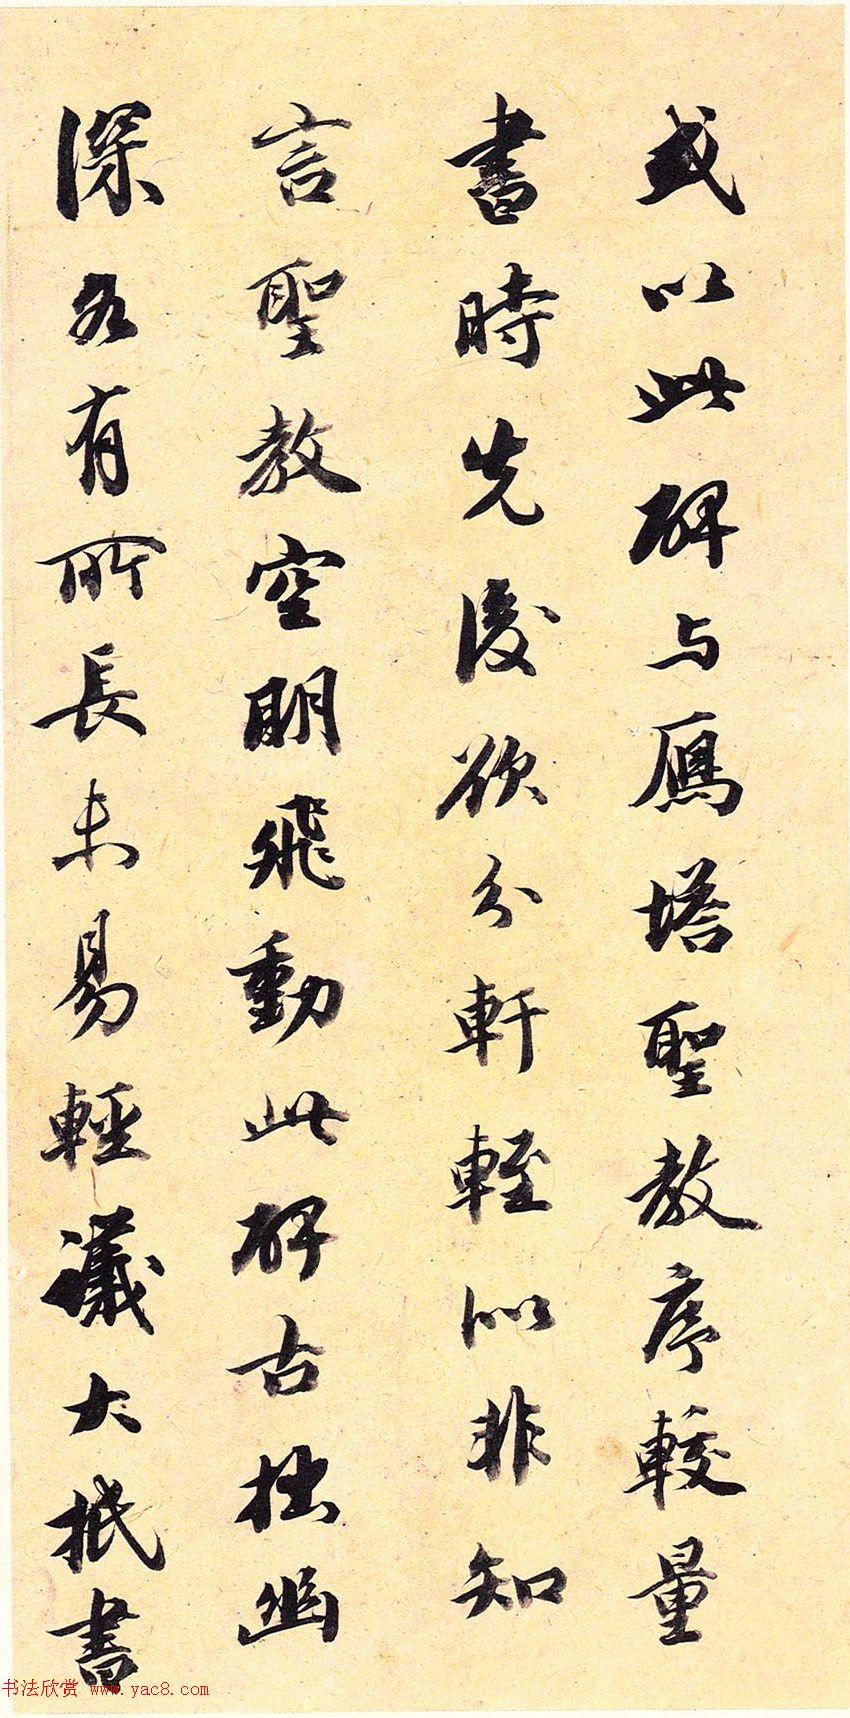 王文治书法题签《褚河南孟法师碑》图片